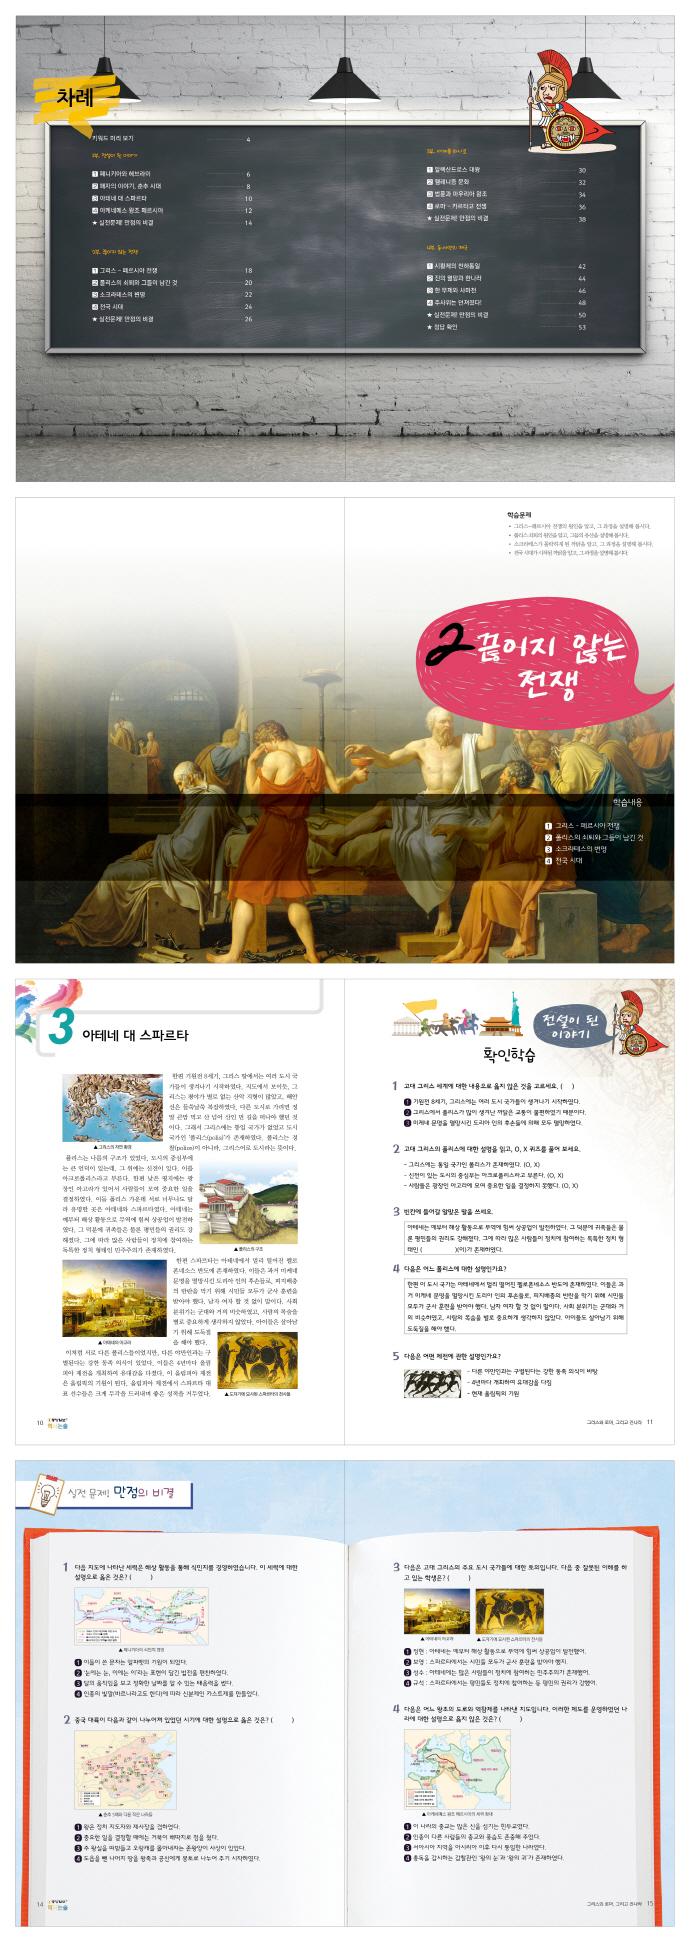 역사논술. 2: 그리스와 로마, 그리고 진나라(중앙일보 Plus)(세계사) 도서 상세이미지